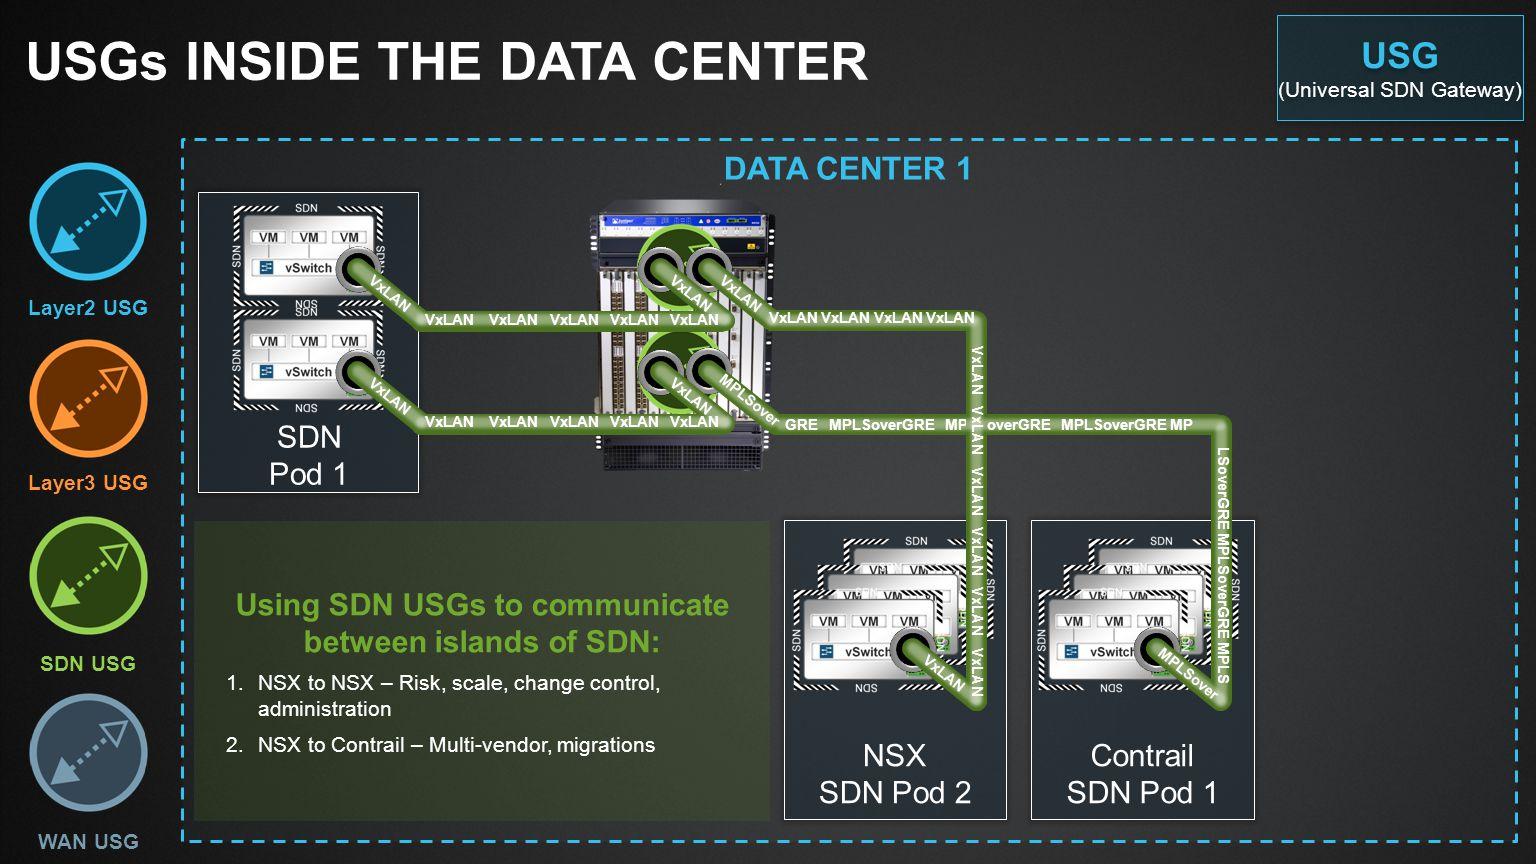 USGs inside the Data center